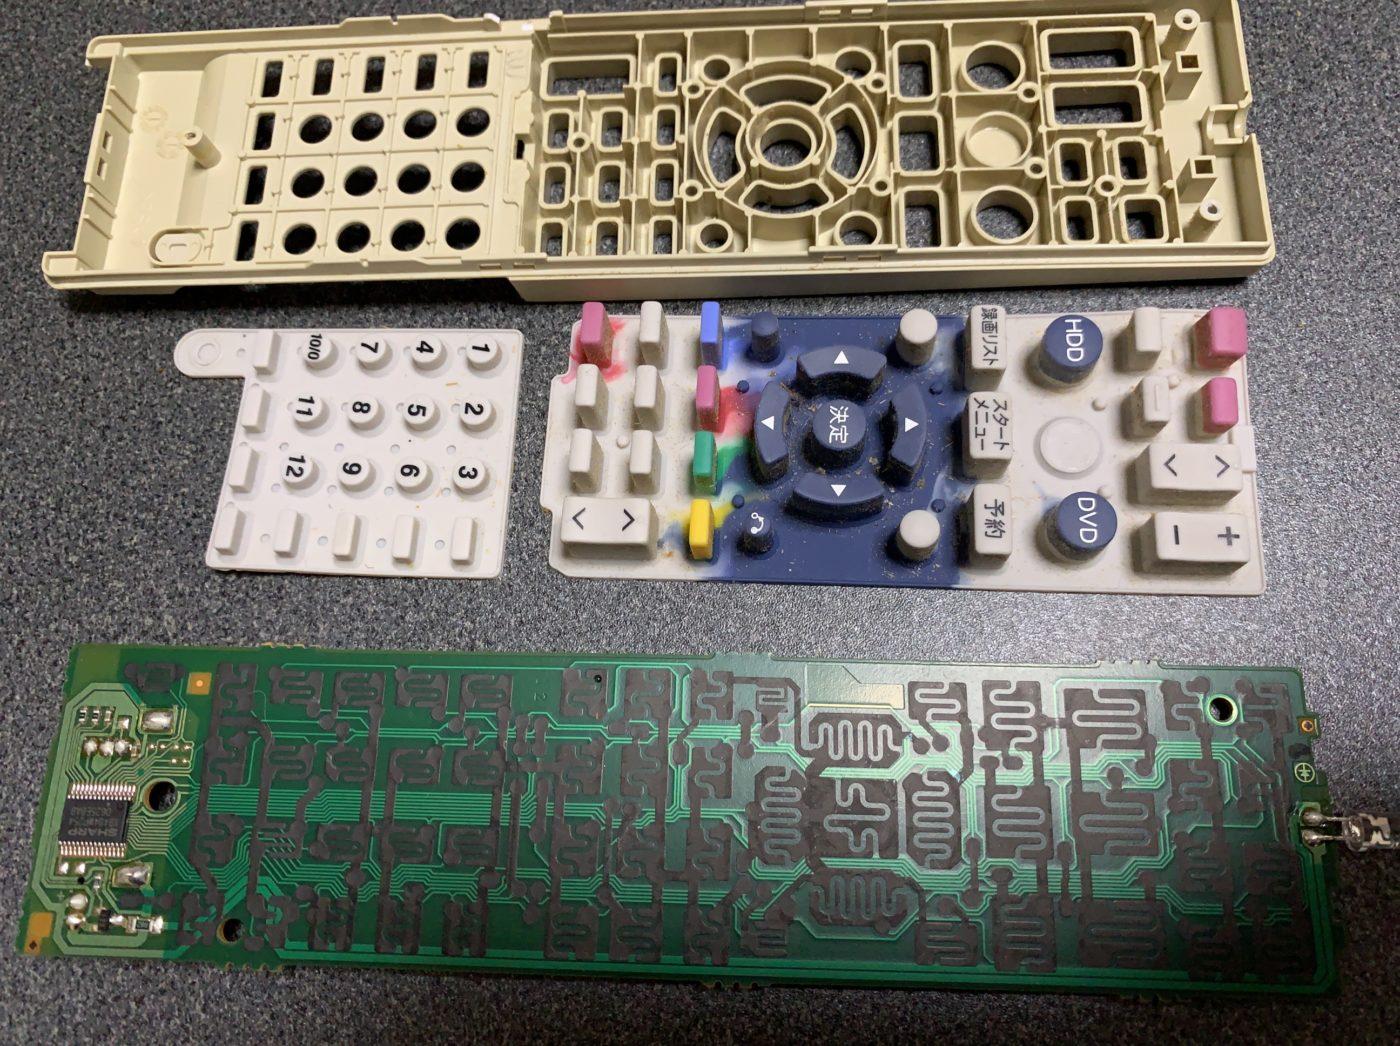 レコーダーのリモコンが効かない(反応しない)場合の対処方法【シャープ GA426PA 分解掃除】